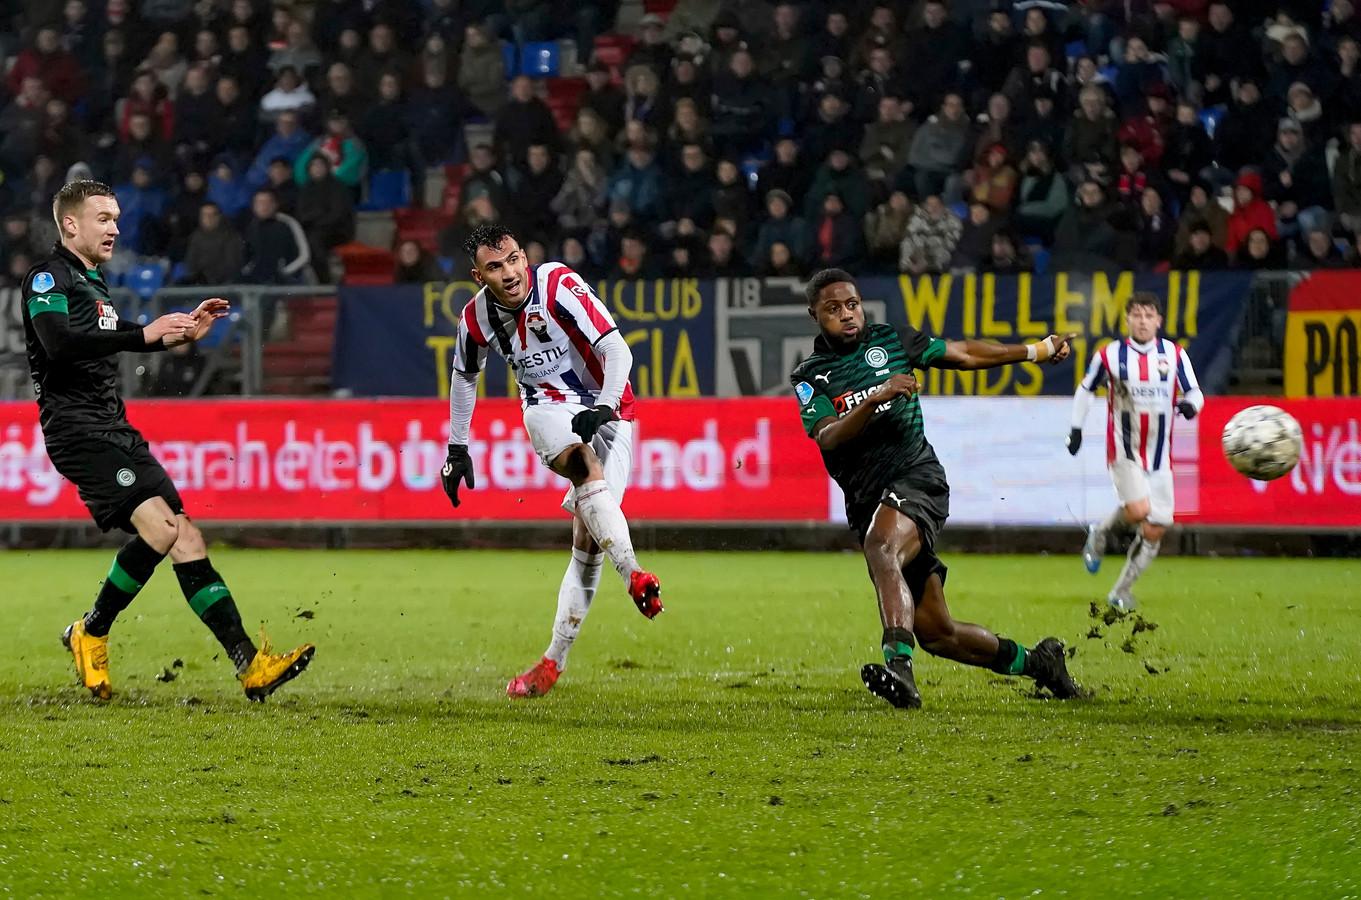 Vangelis Pavlidis maakt op 28 februari de 2-0 tegen FC Groningen namens Willem II. Het was het laatste (thuis)duel van de Tilburgers, toen nog in een vol stadion.